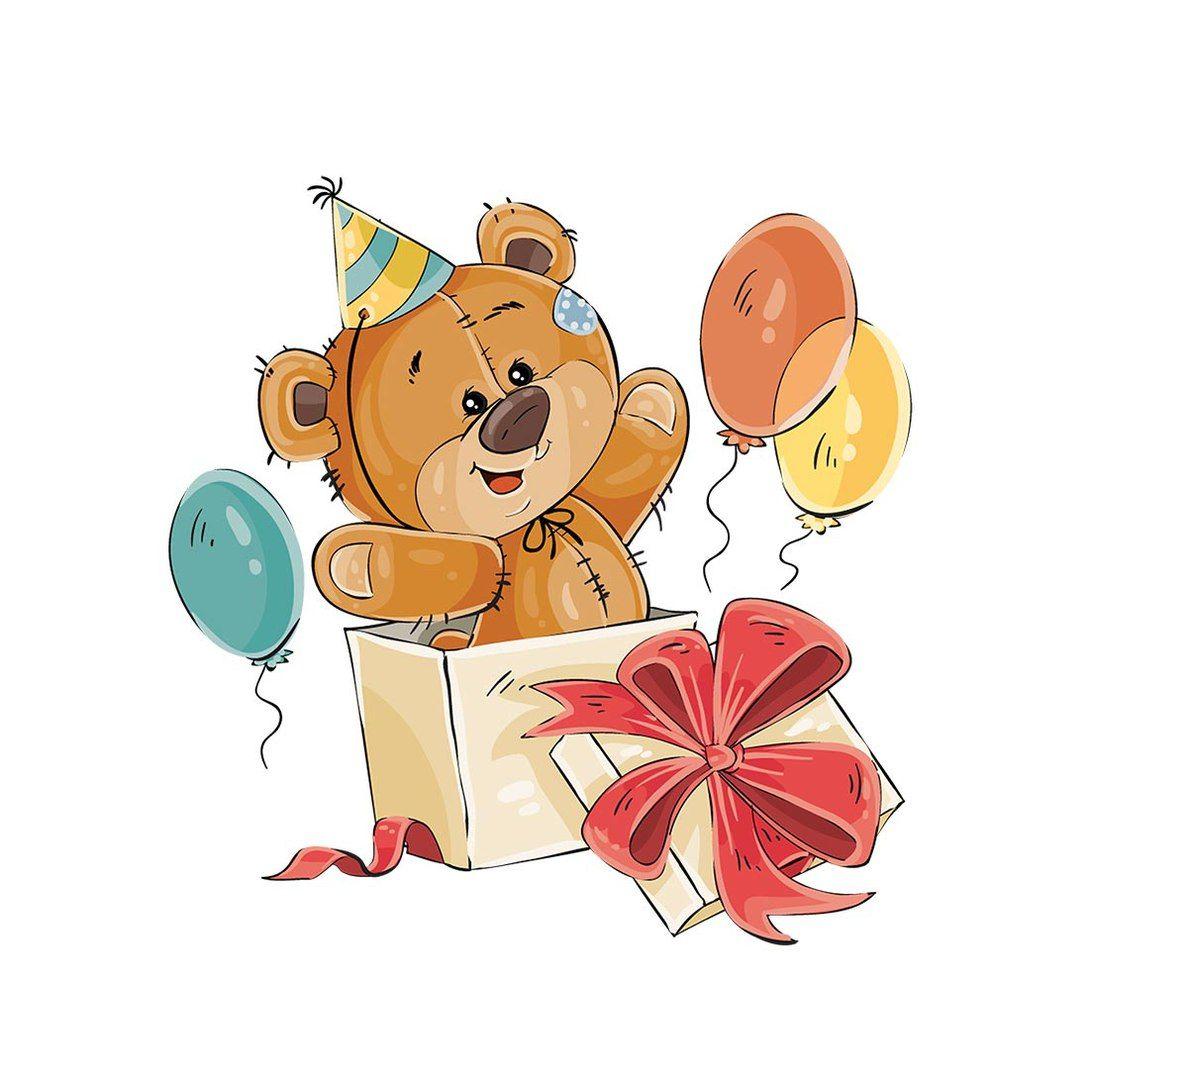 основном, тревога картинки с днем рождения мишка с шариками диплом